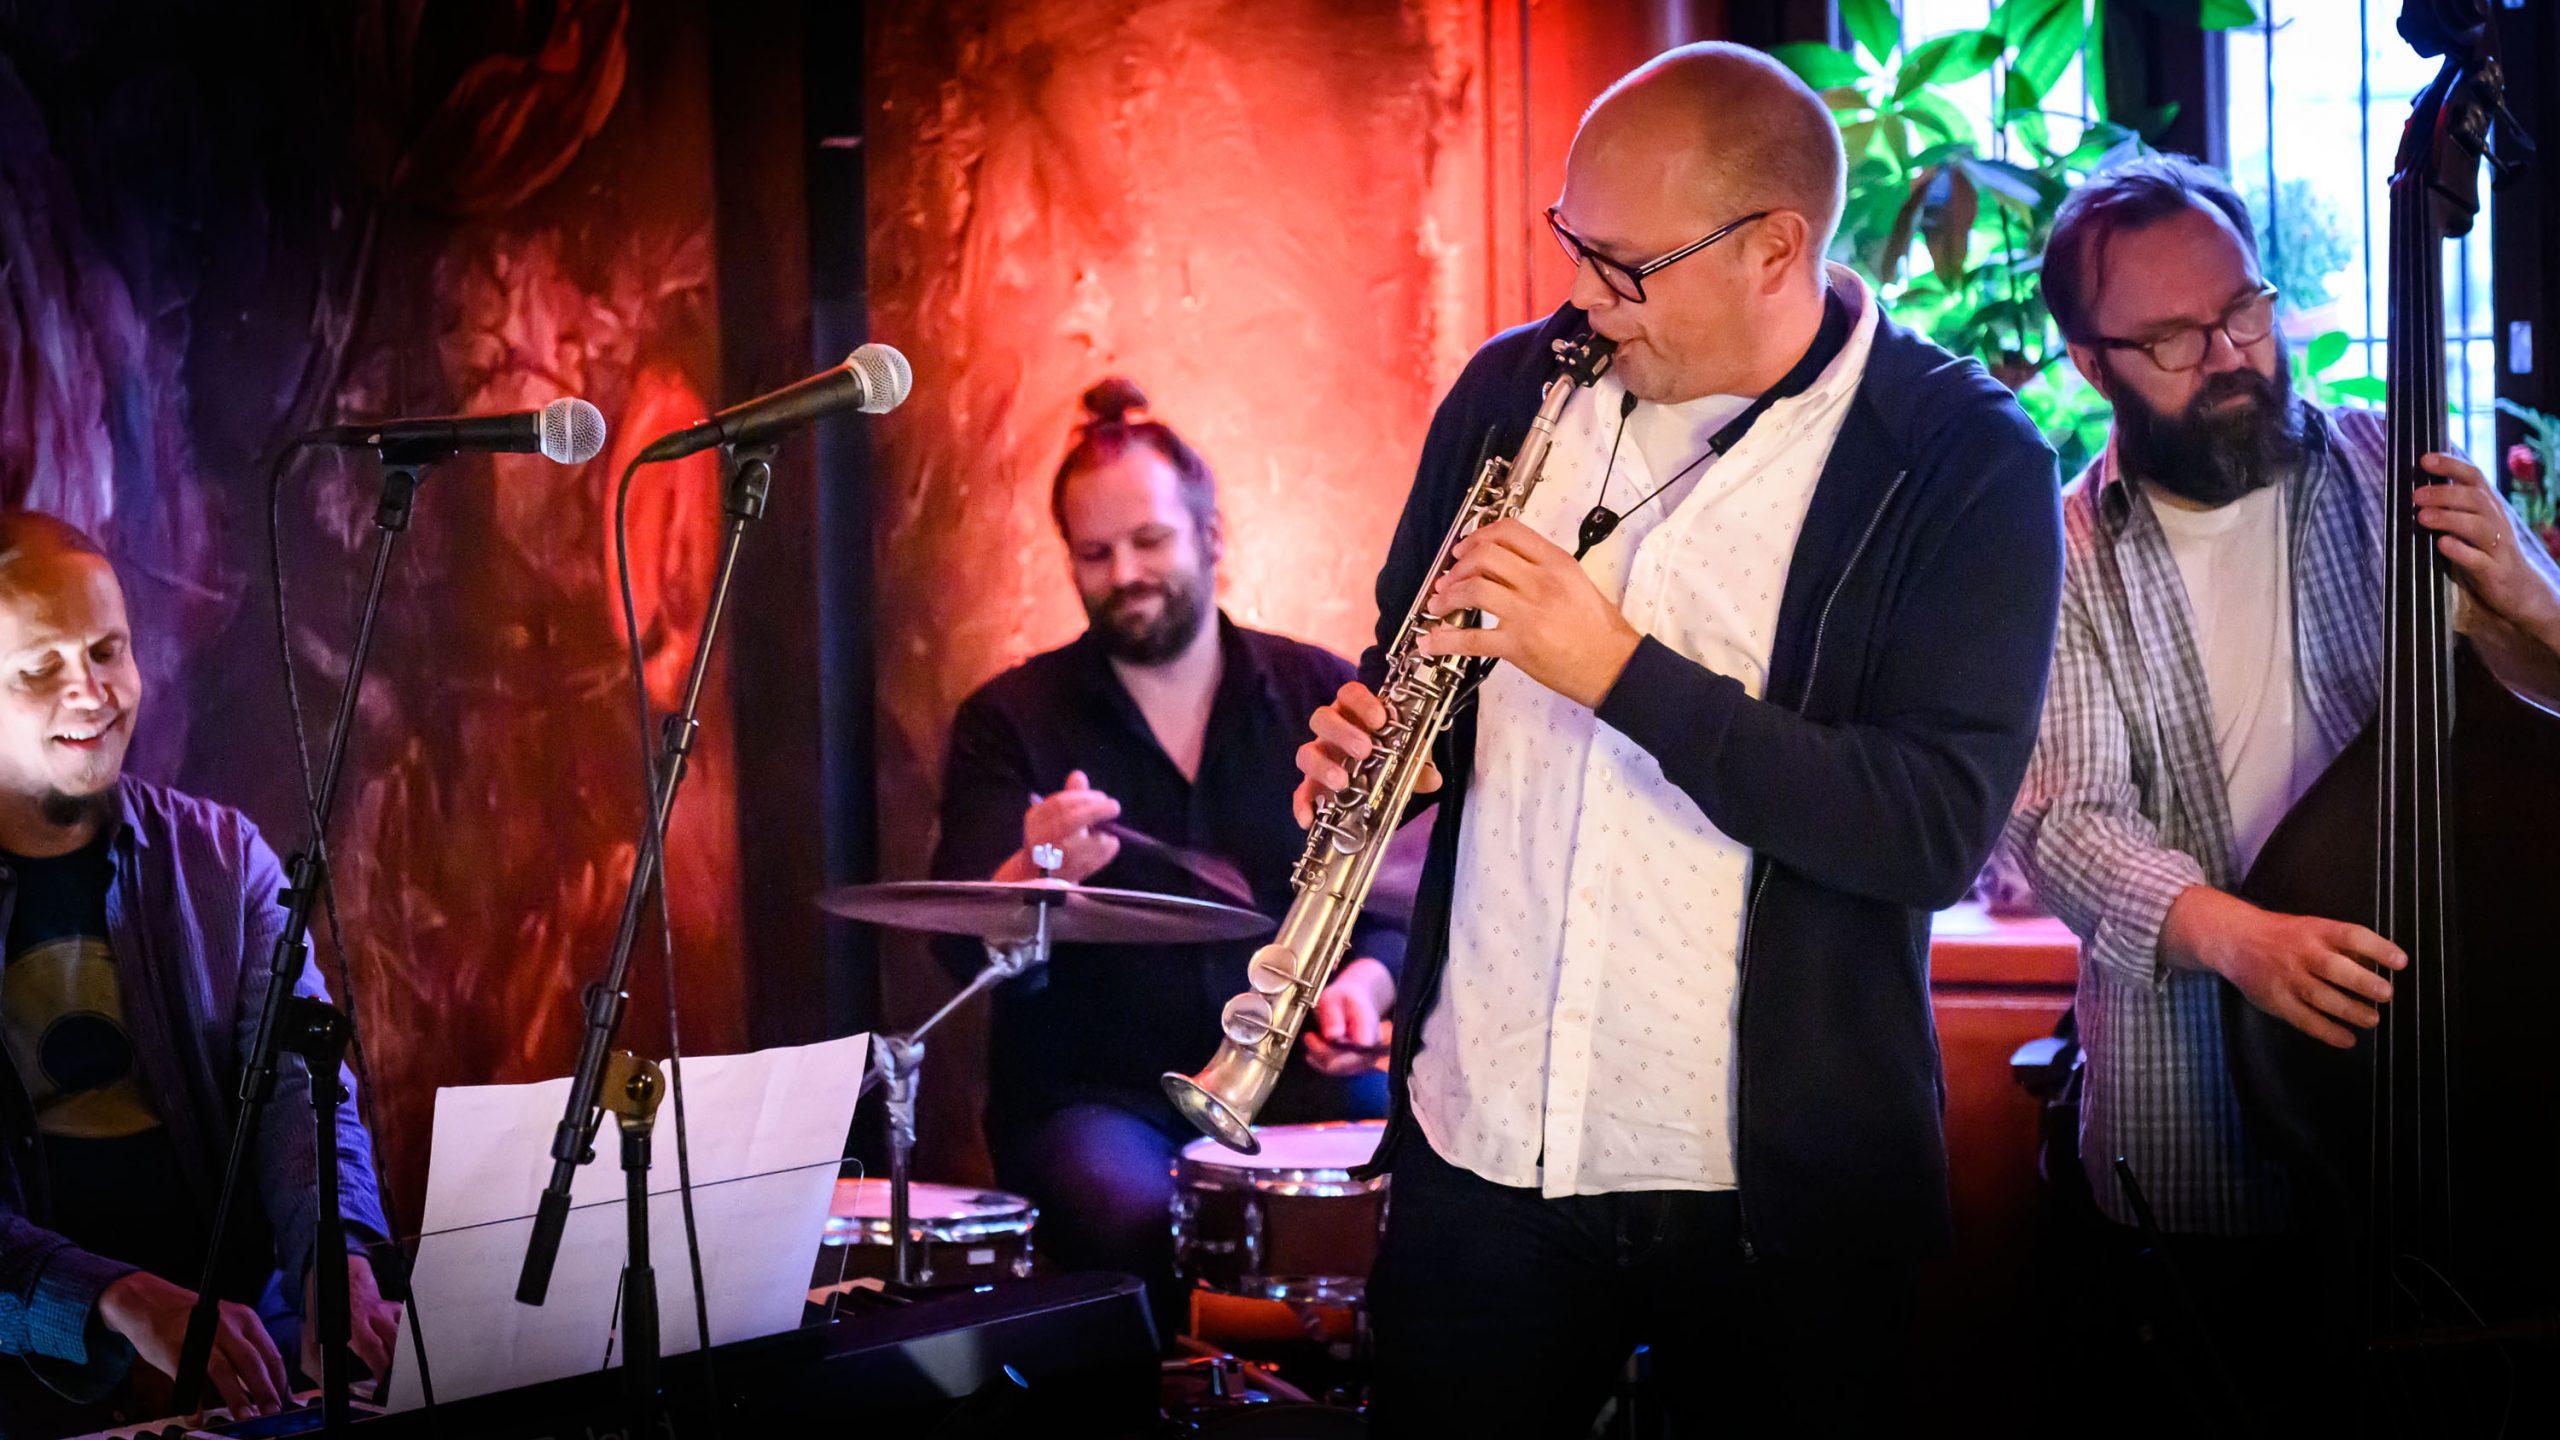 Turun konservatorion ja musiikkiopiston opettajat Tommi Karhusaari, Mikko Maunula, Jusu Heinonen ja Arto Nurmi musisoivat Bar Ricassa.